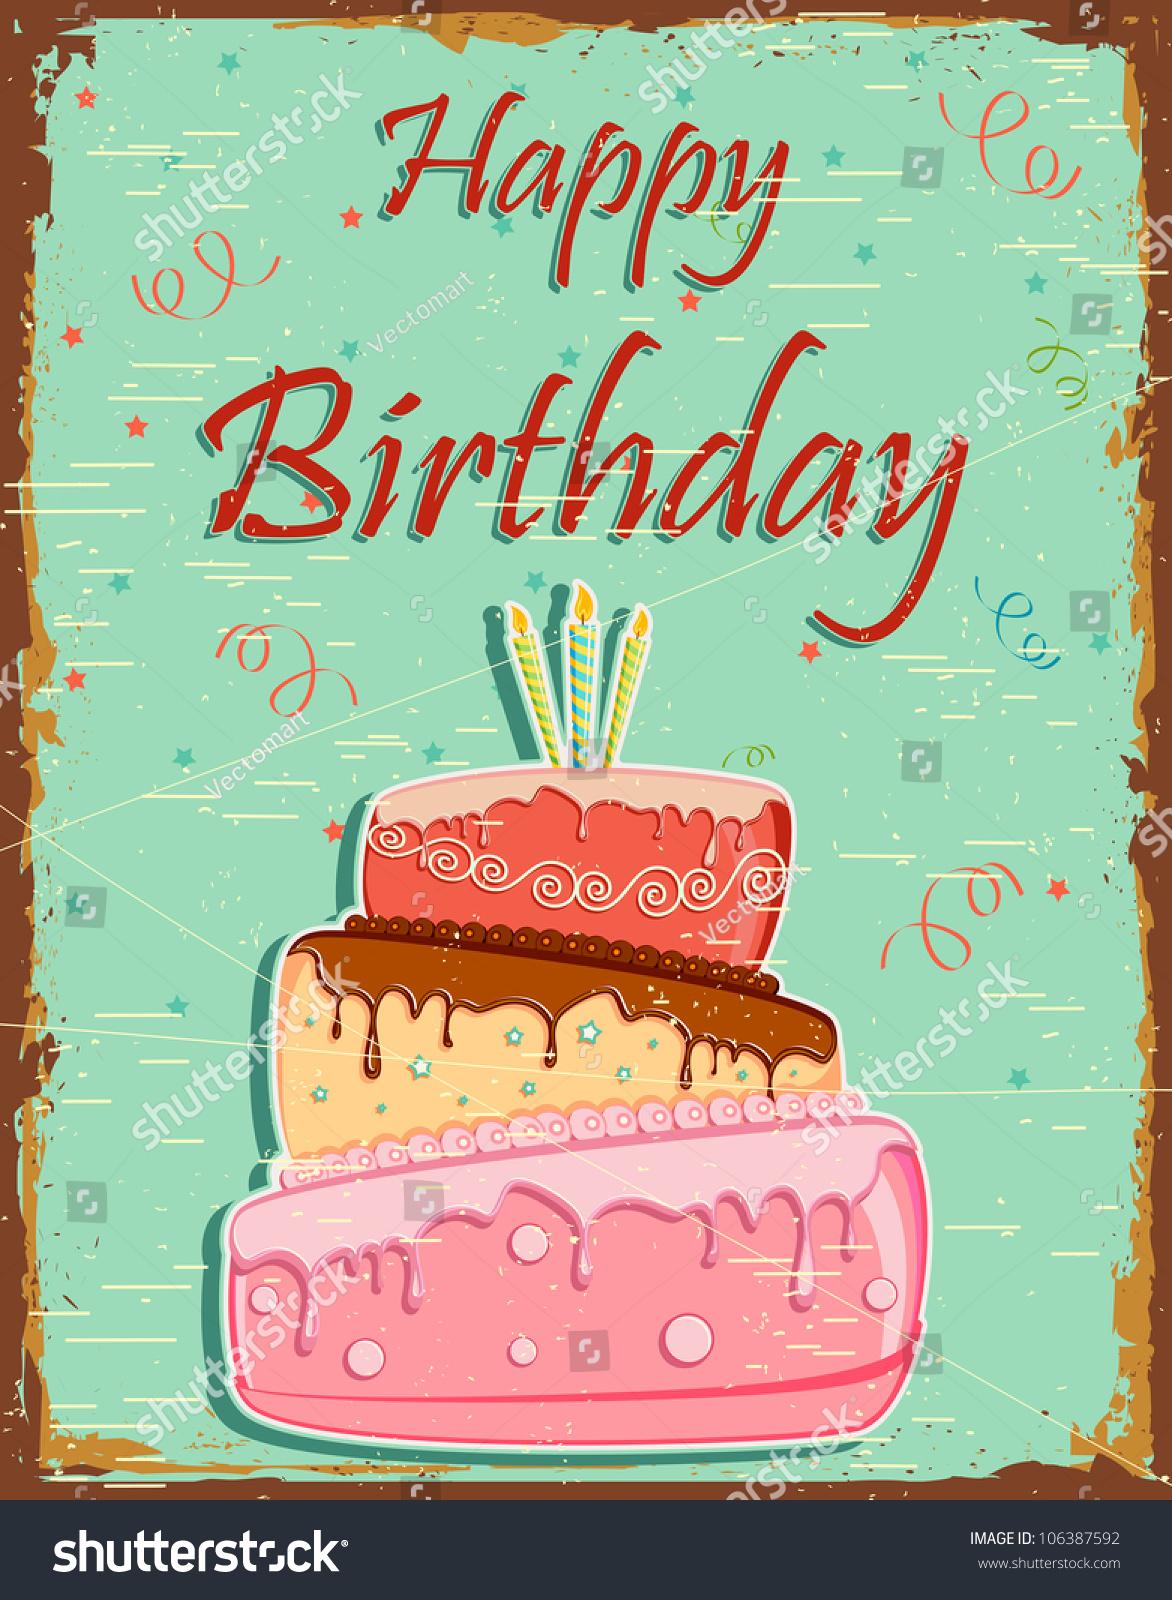 Картинки с днем рождения винтажные 8